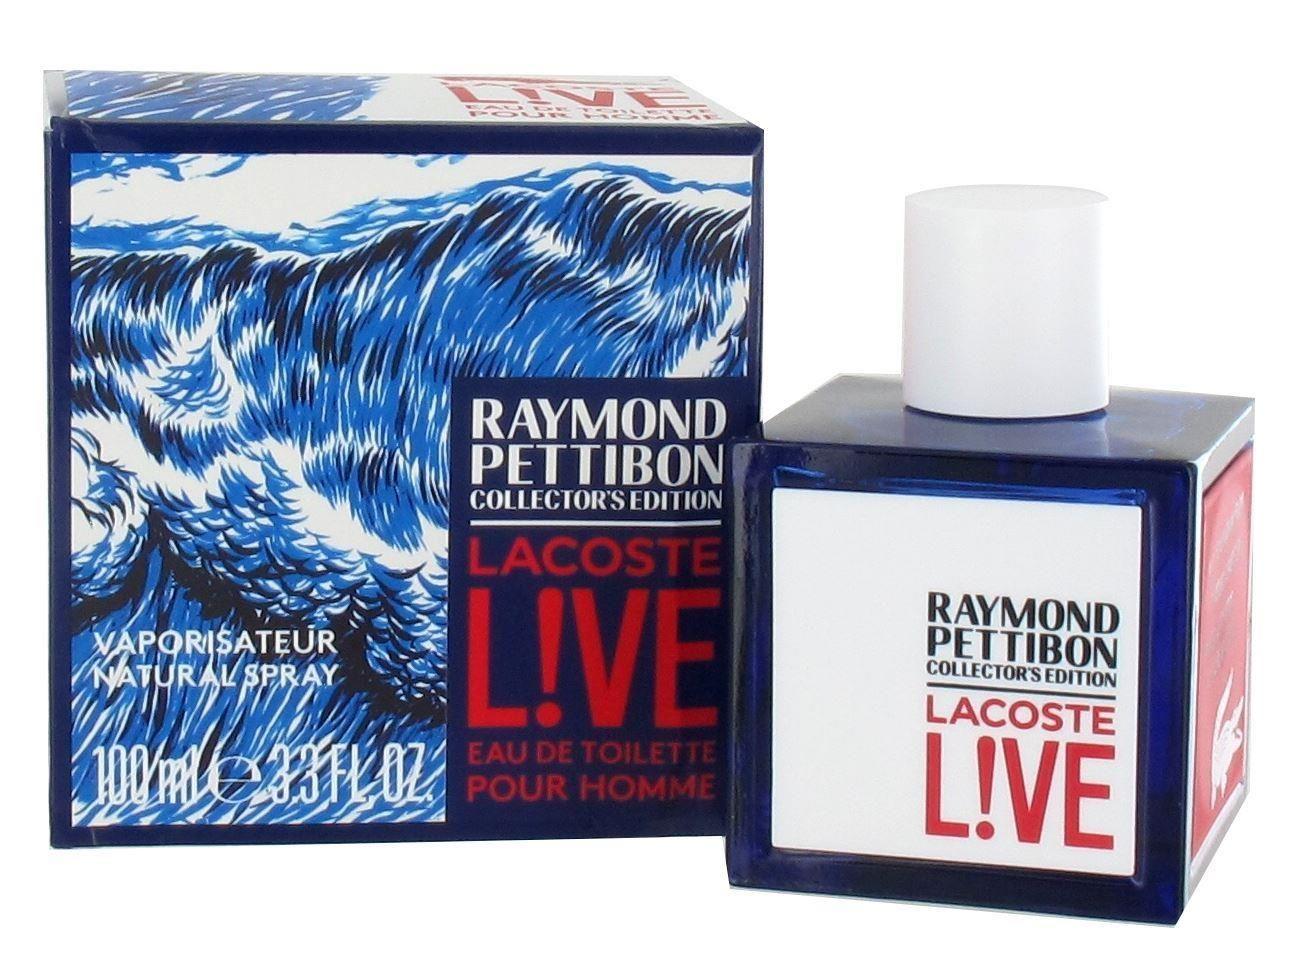 nowy styl urzędnik największa zniżka Lacoste Live Raymond Pettibon Collectors Edition 100ml Eau de Toilette  Spray for Him